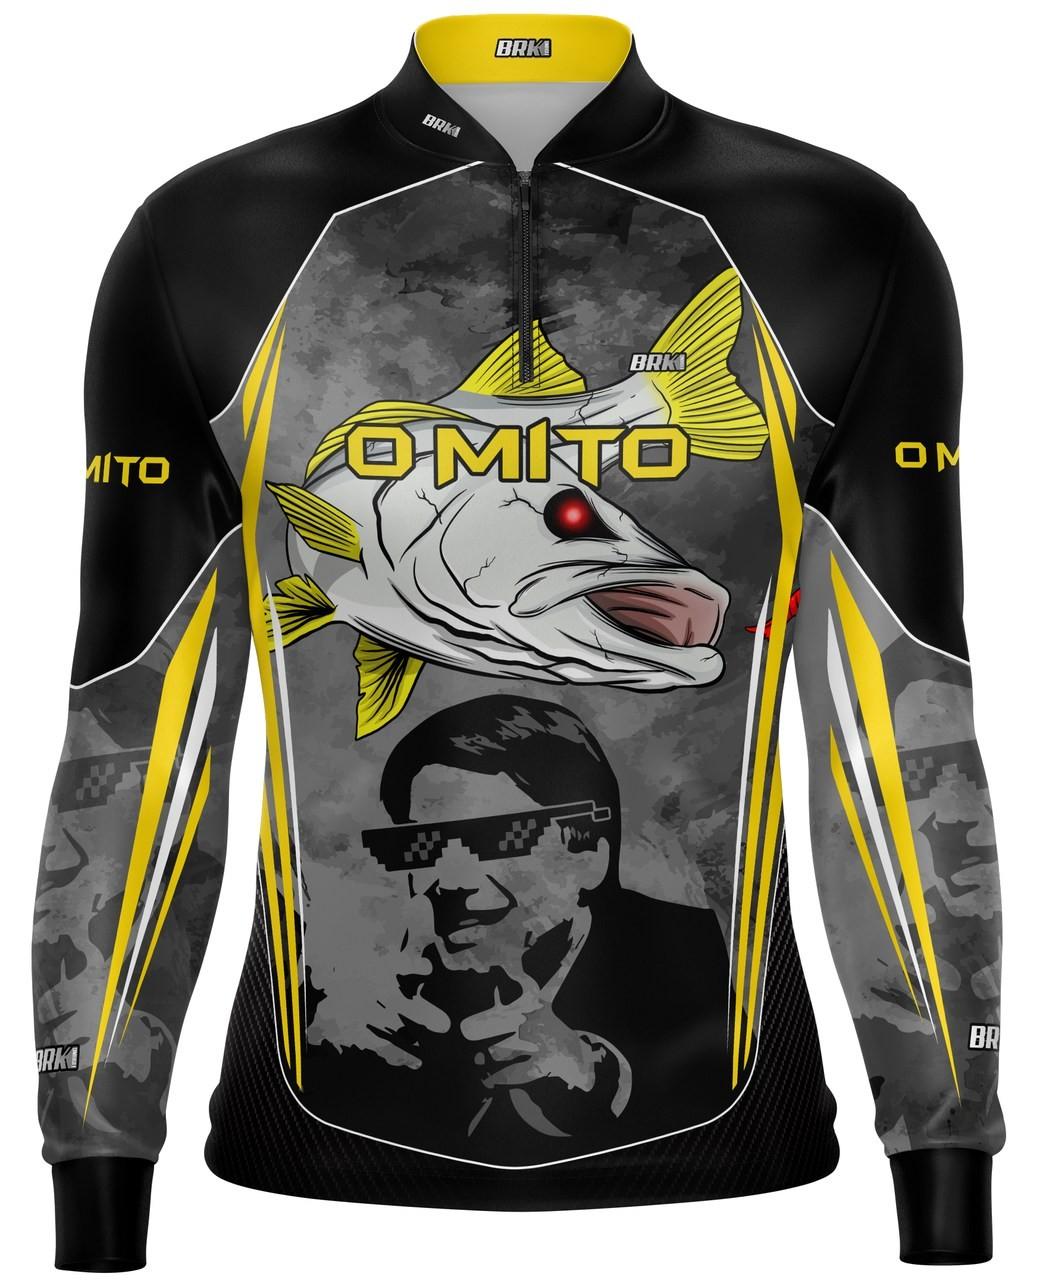 Camisa de Pesca Brk Bolsonaro o Mito Robalo Preta com fpu 50+